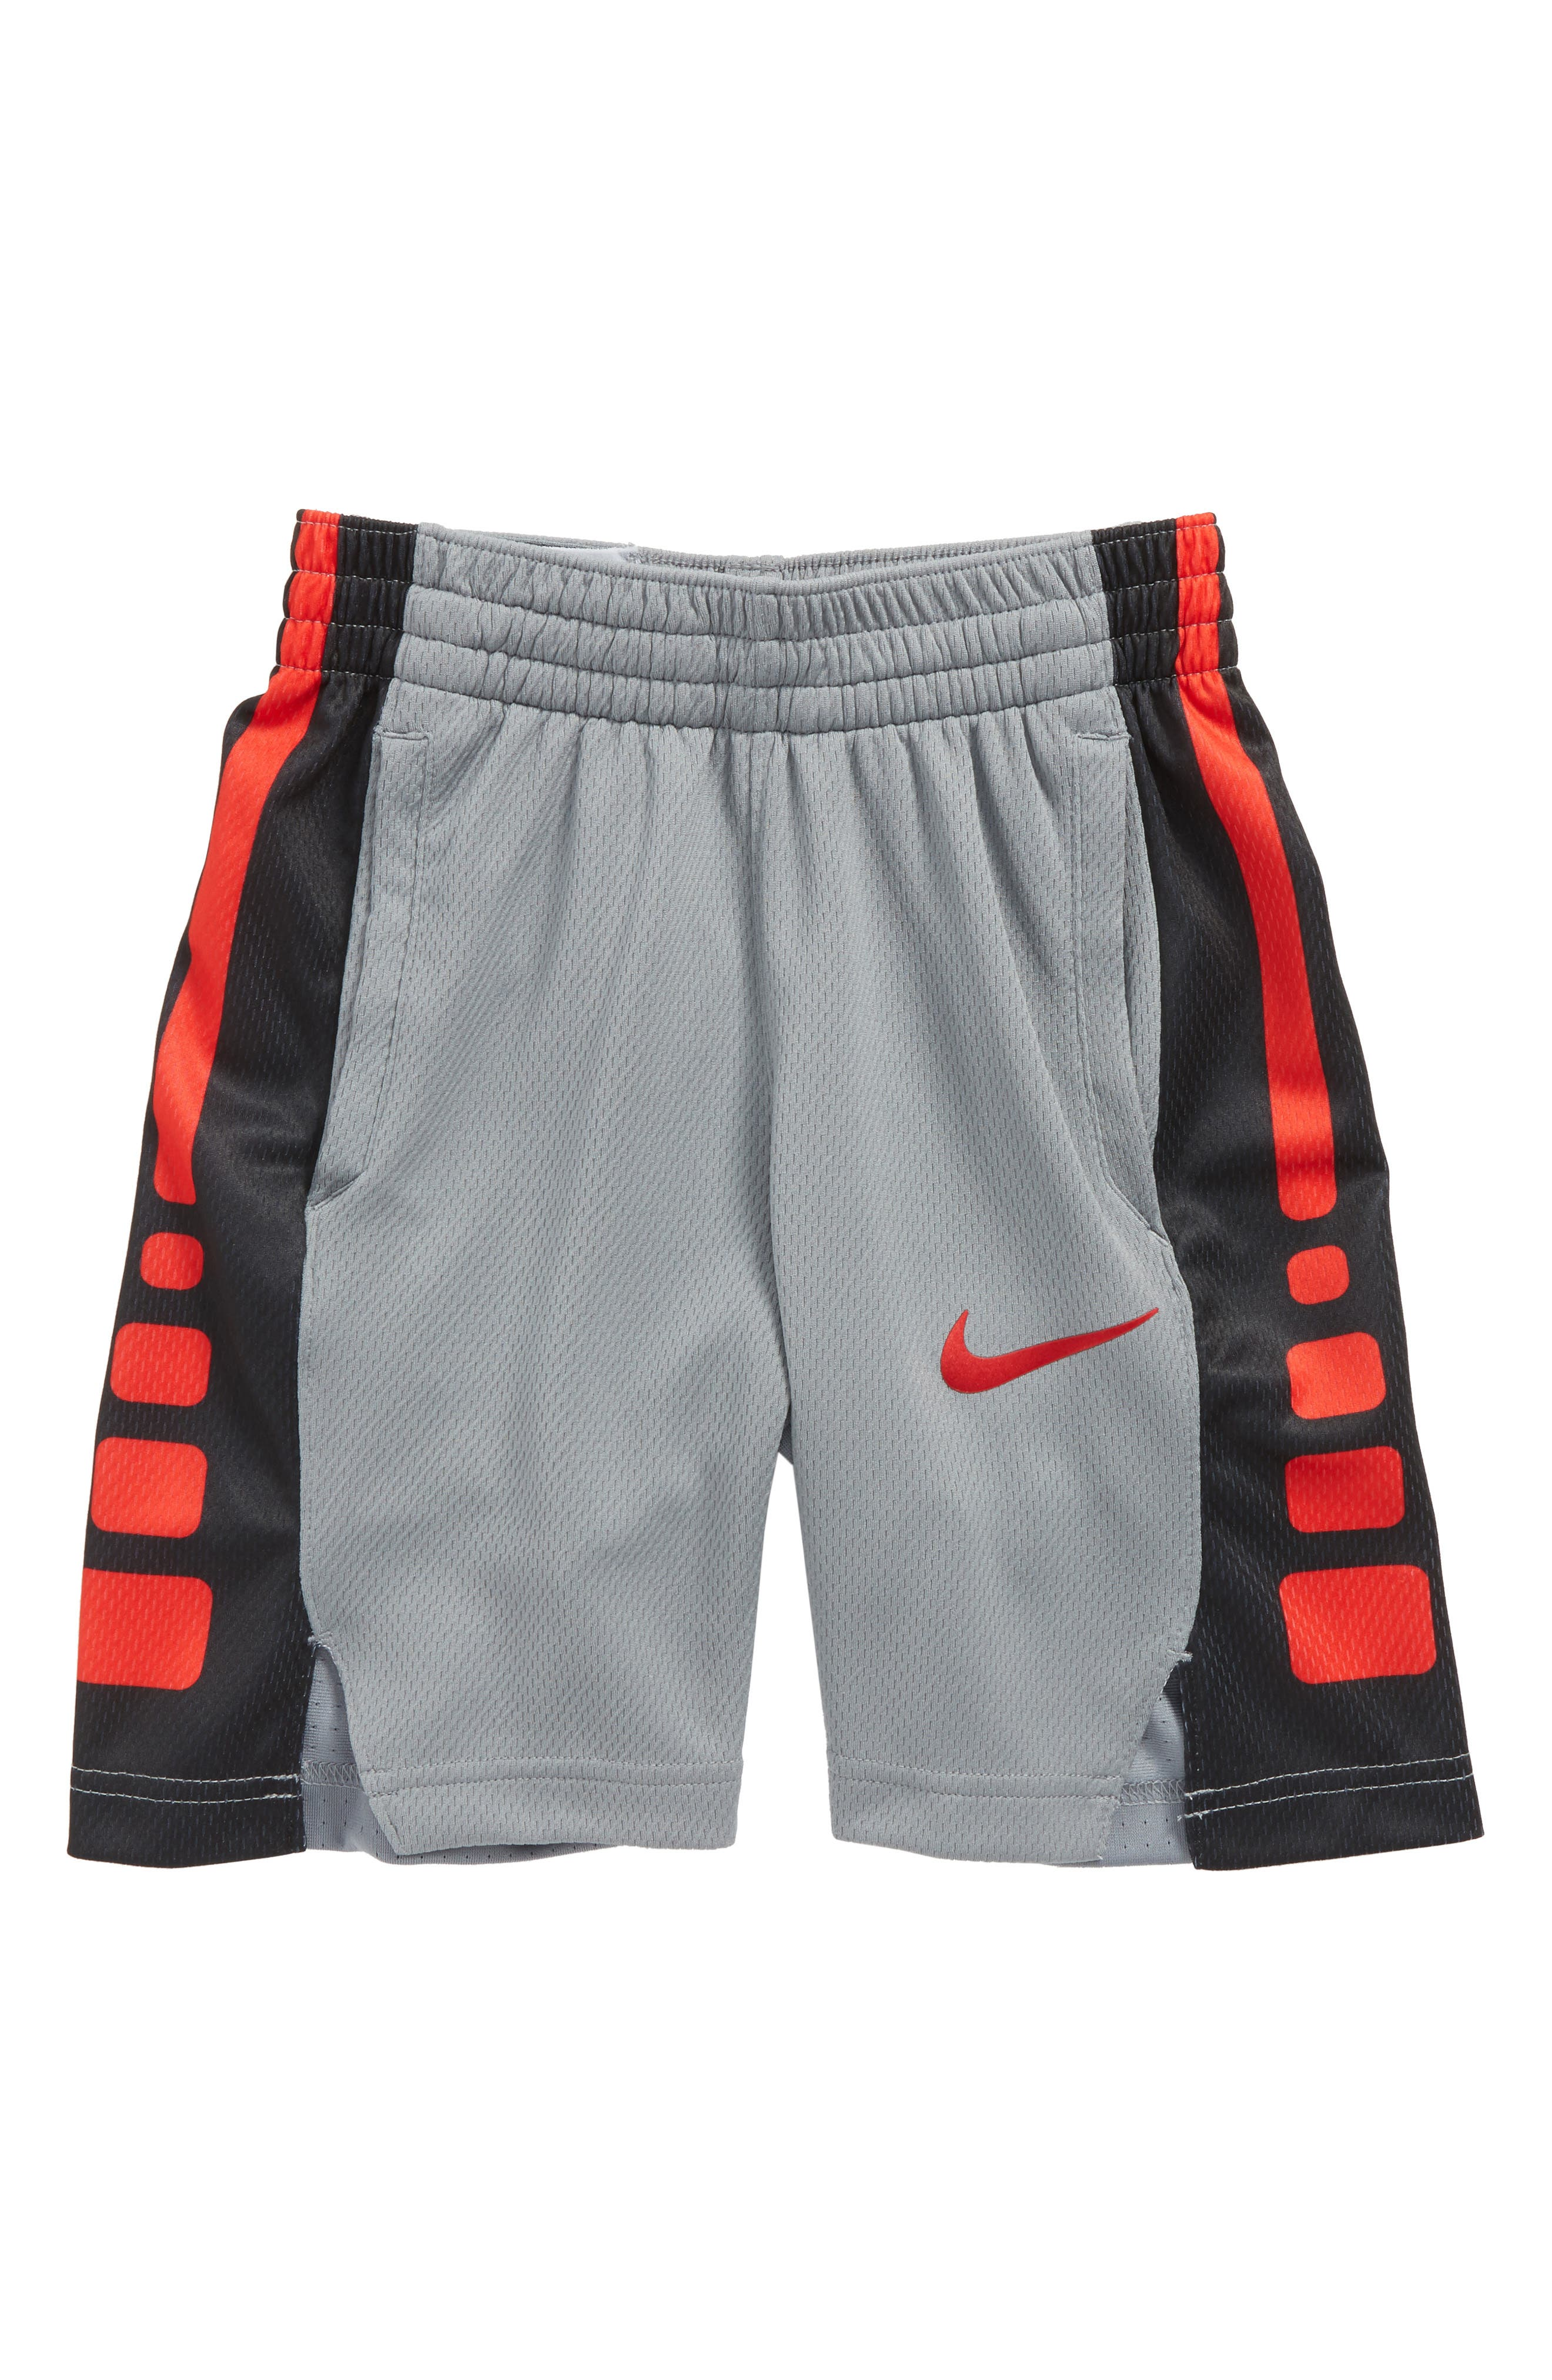 Dry Elite Basketball Shorts,                             Main thumbnail 1, color,                             Grey 2